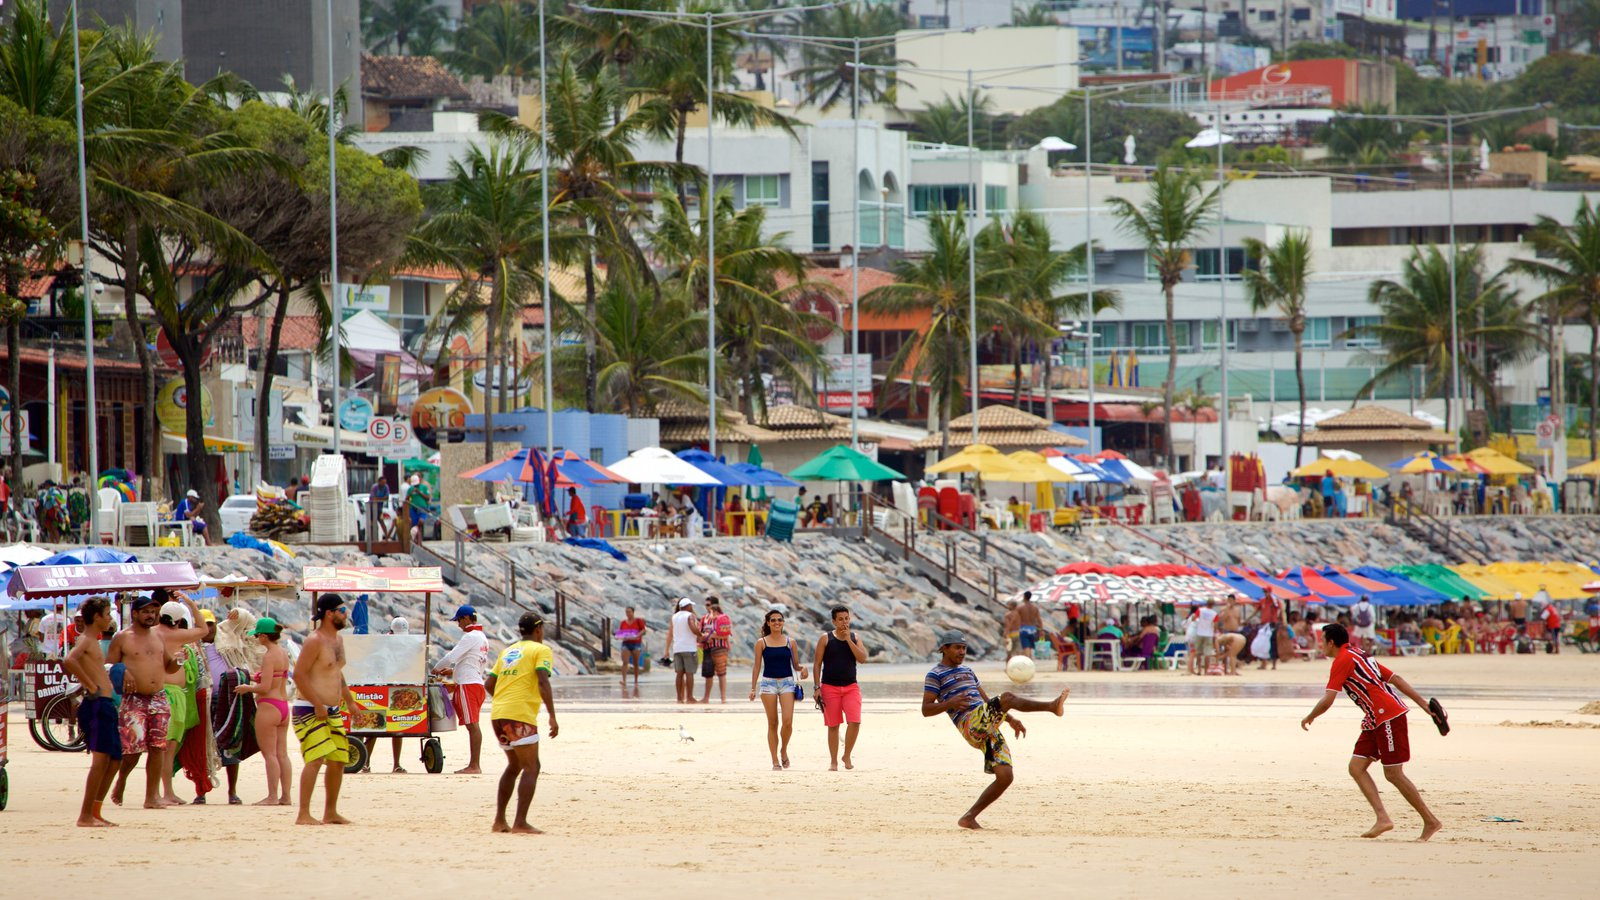 Praia de Ponta Negra que inclui paisagens litorâneas, uma praia e uma cidade litorânea